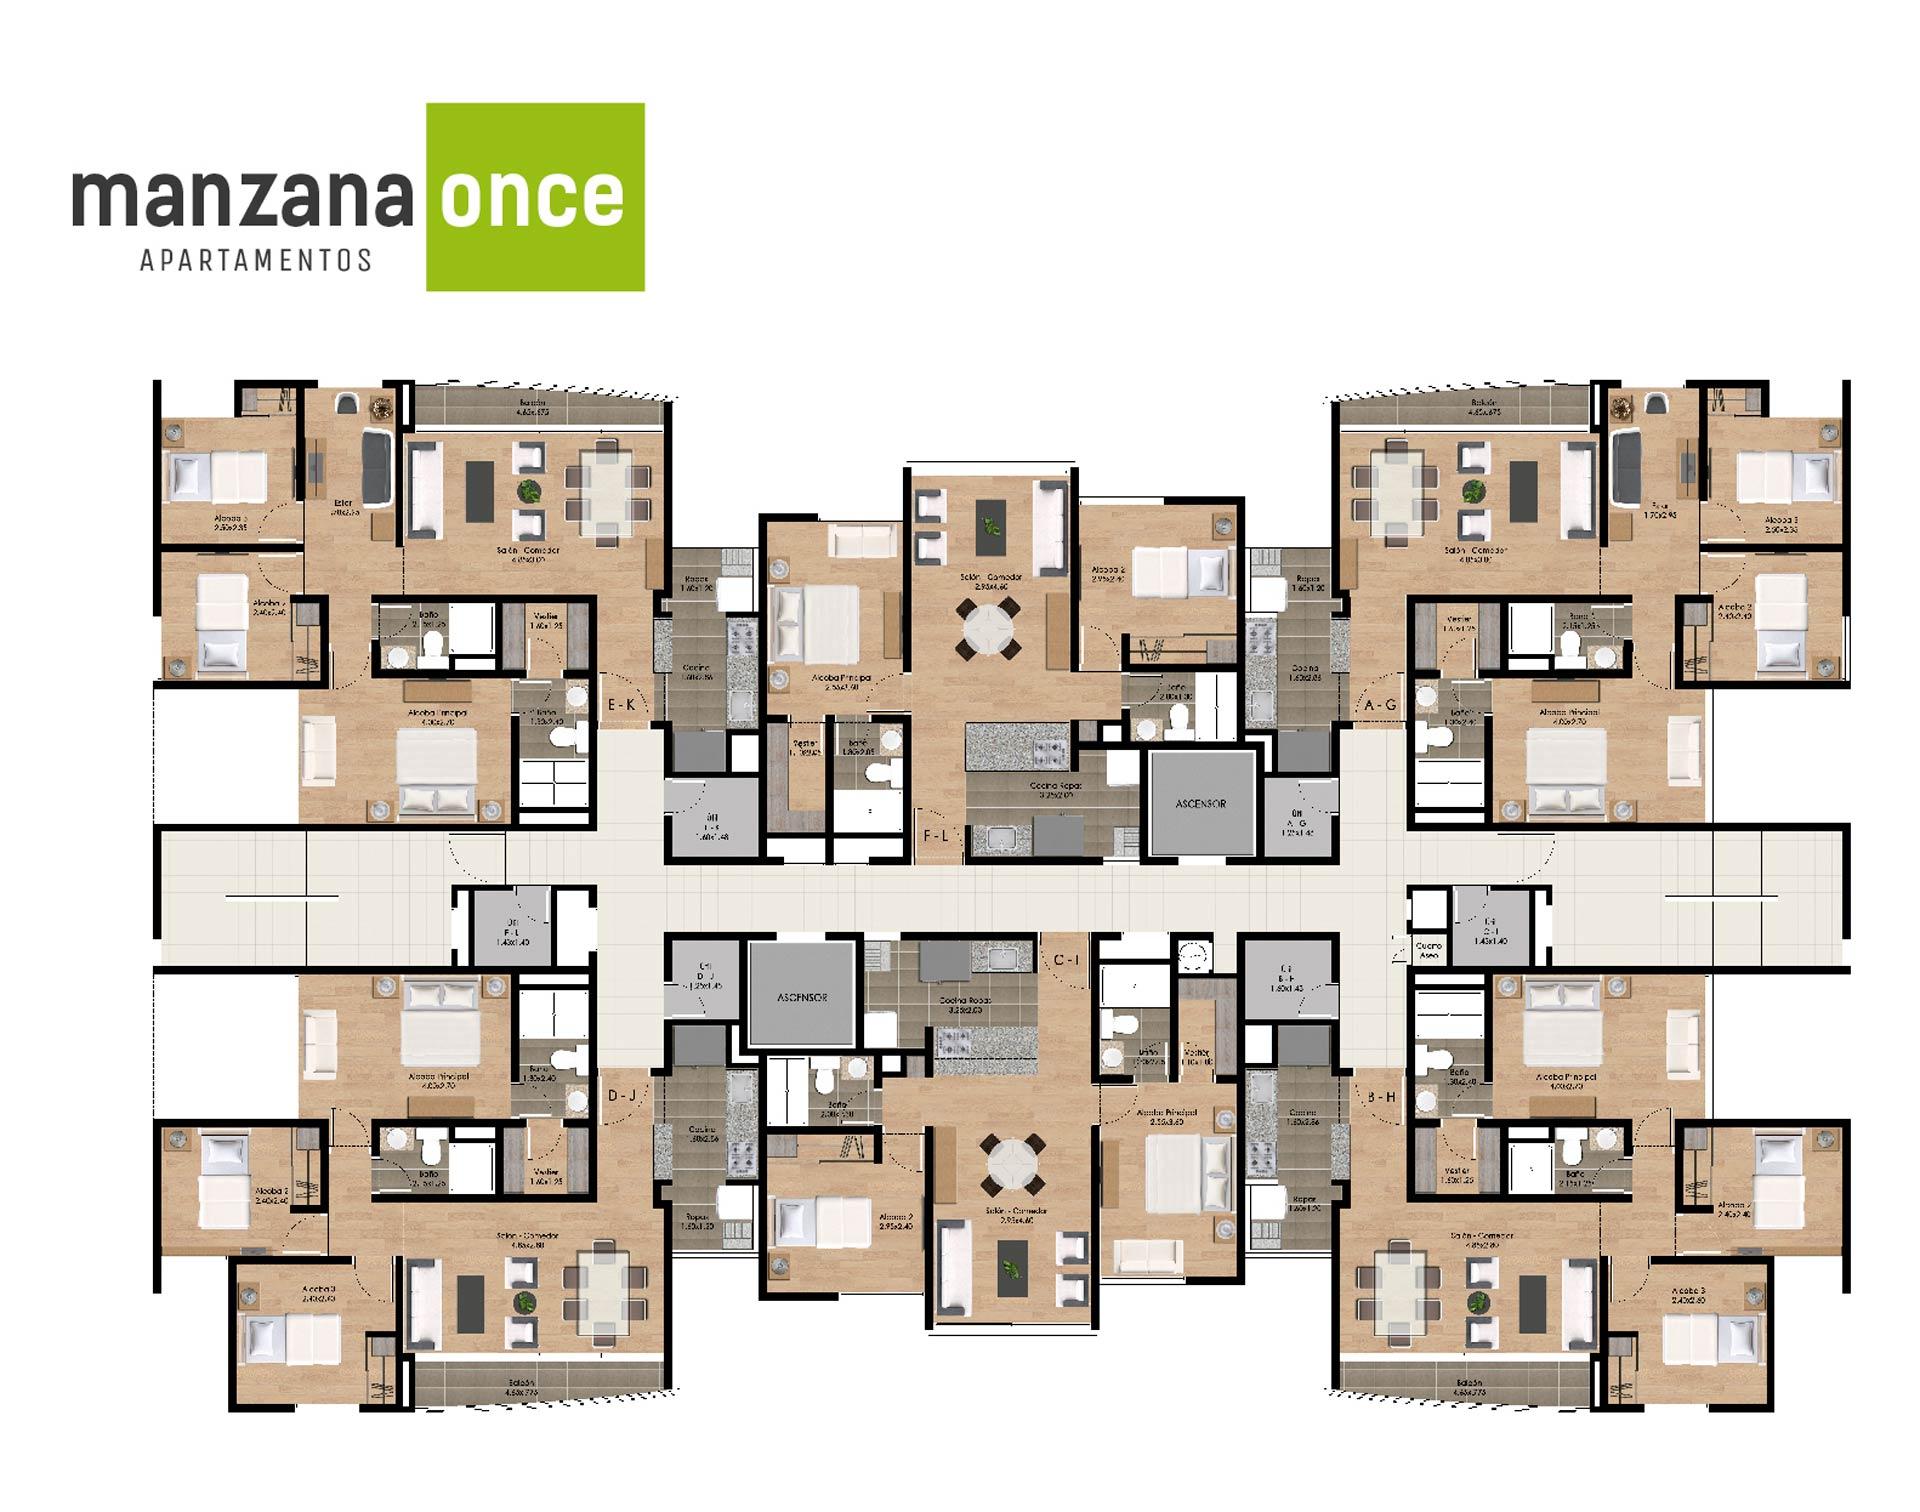 Manzana once apartamentos en sabaneta crearcimientos for Apartamentos pequenos planos